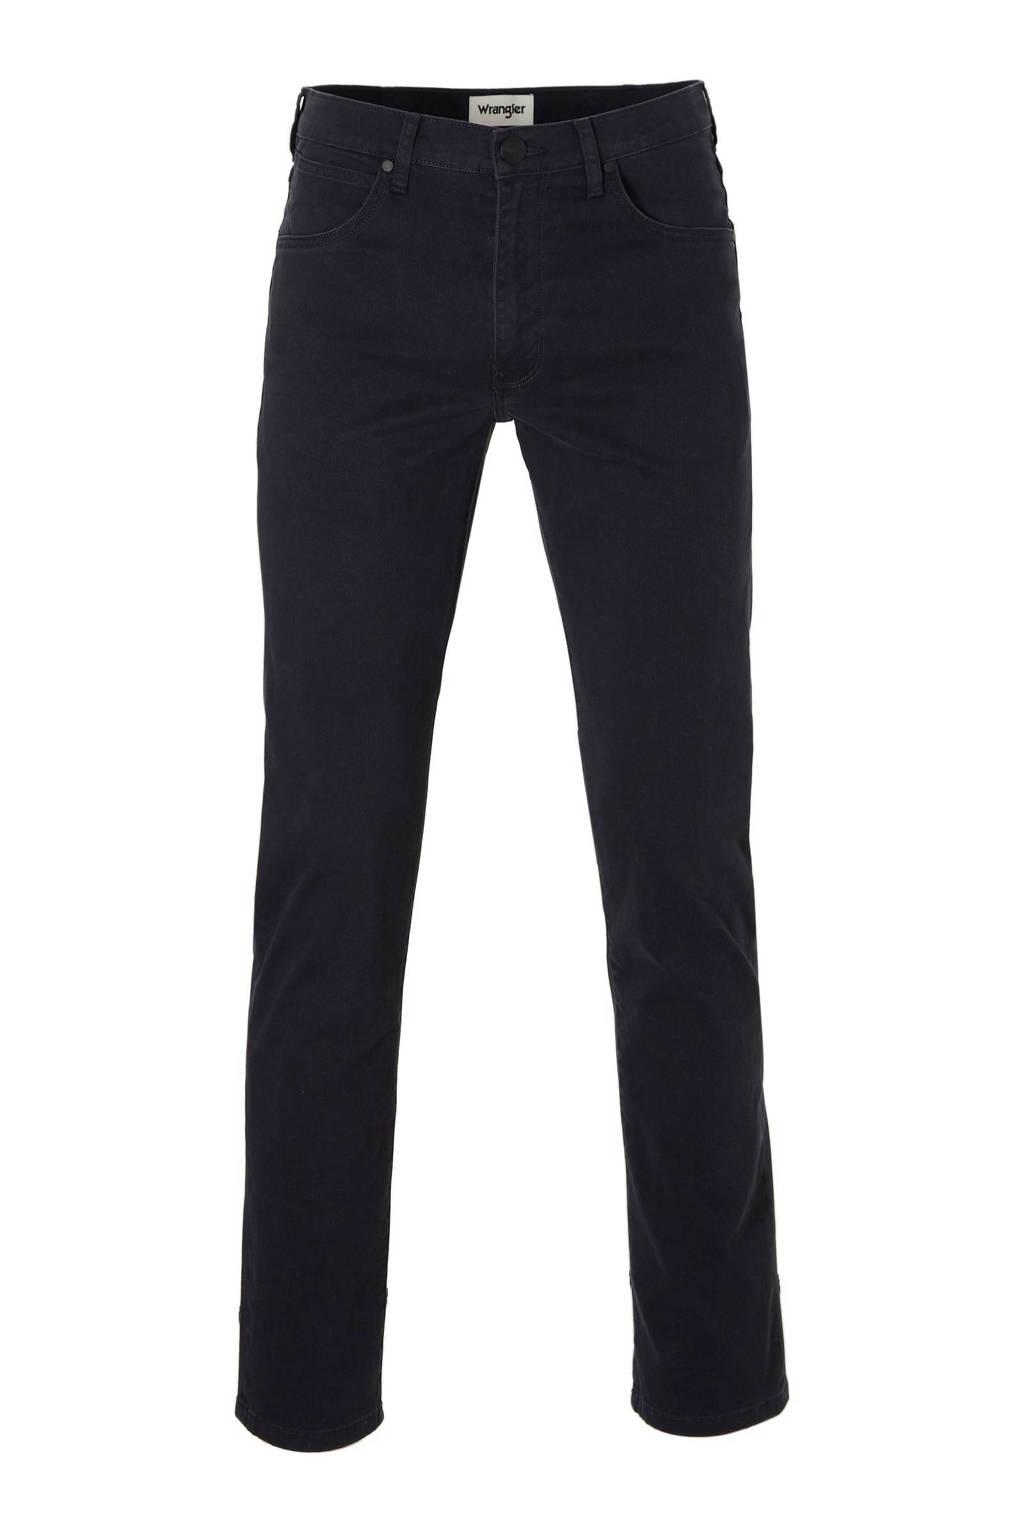 Wrangler  straight Arizona classic straight fit broek, Navy